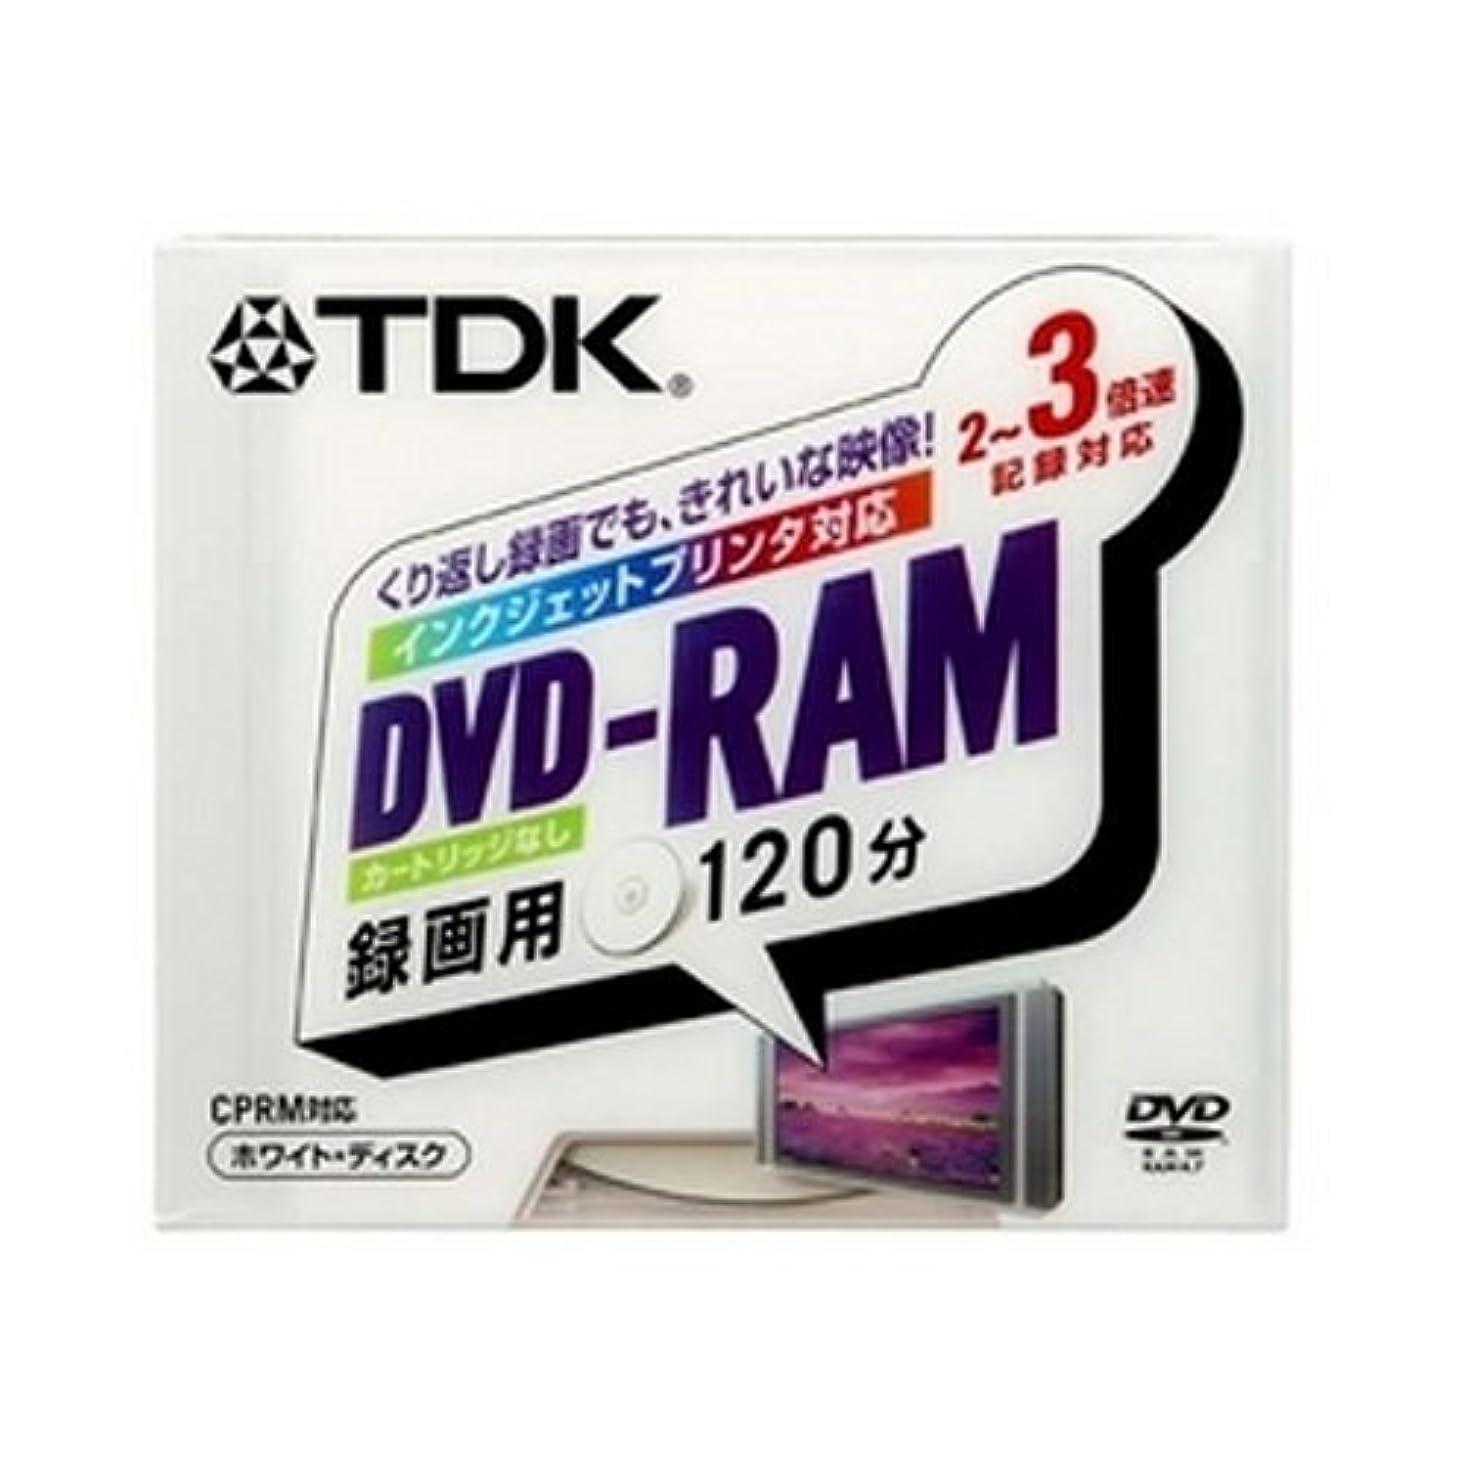 インディカ霊記念碑太陽誘電製 That's DVD-RAMビデオ用 CPRM対応3倍速120分4.7GB カートリッジ無し5mmPケース10枚入 DRM120WTY10S